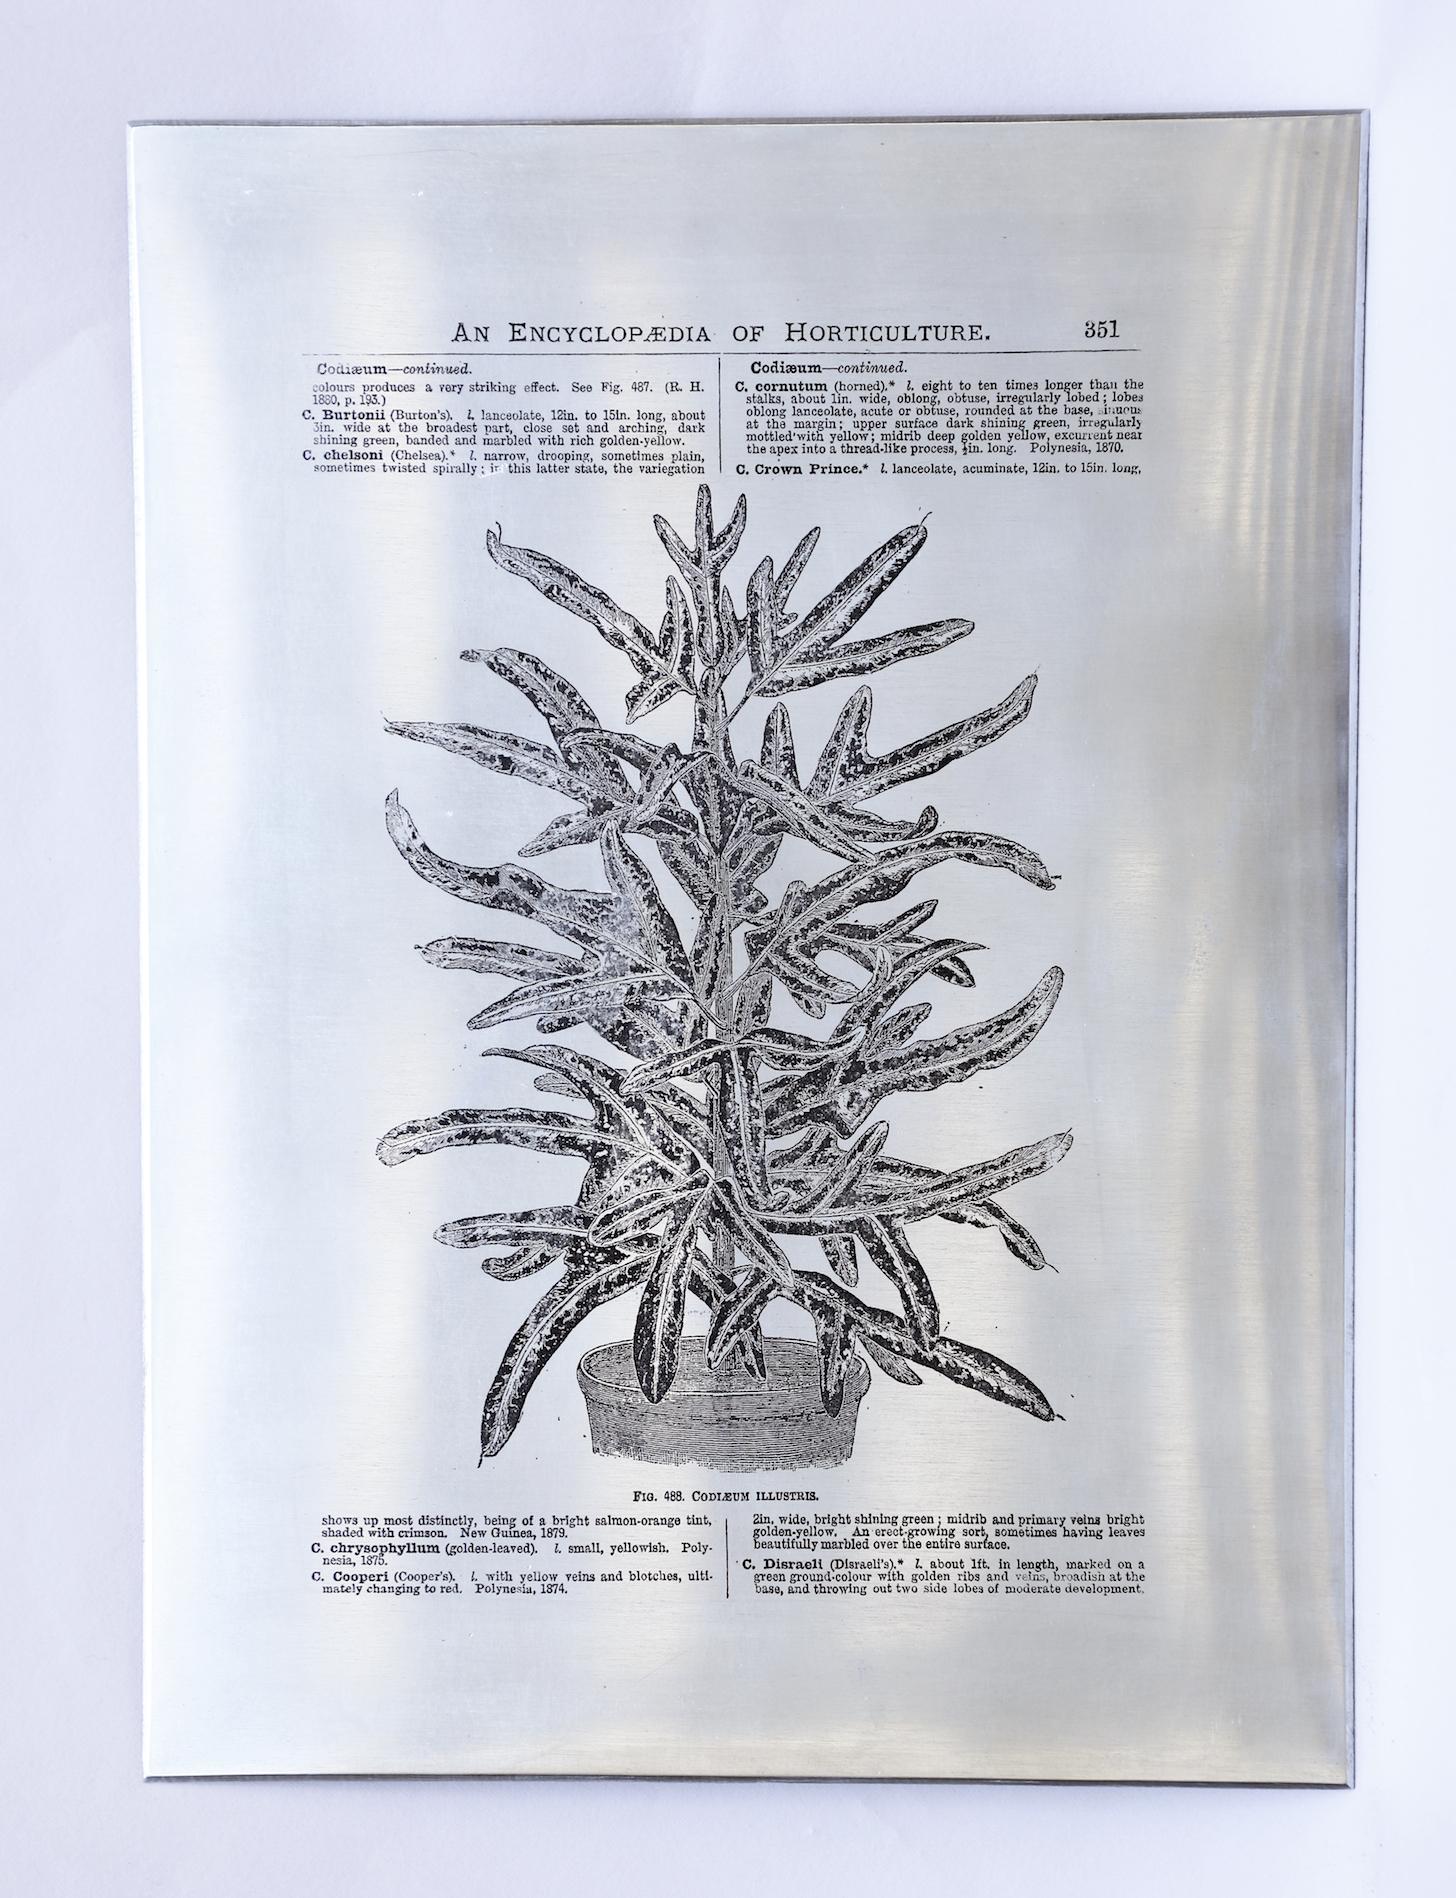 Heat Transfers on Zinc Plate by Sarasija Subramanian